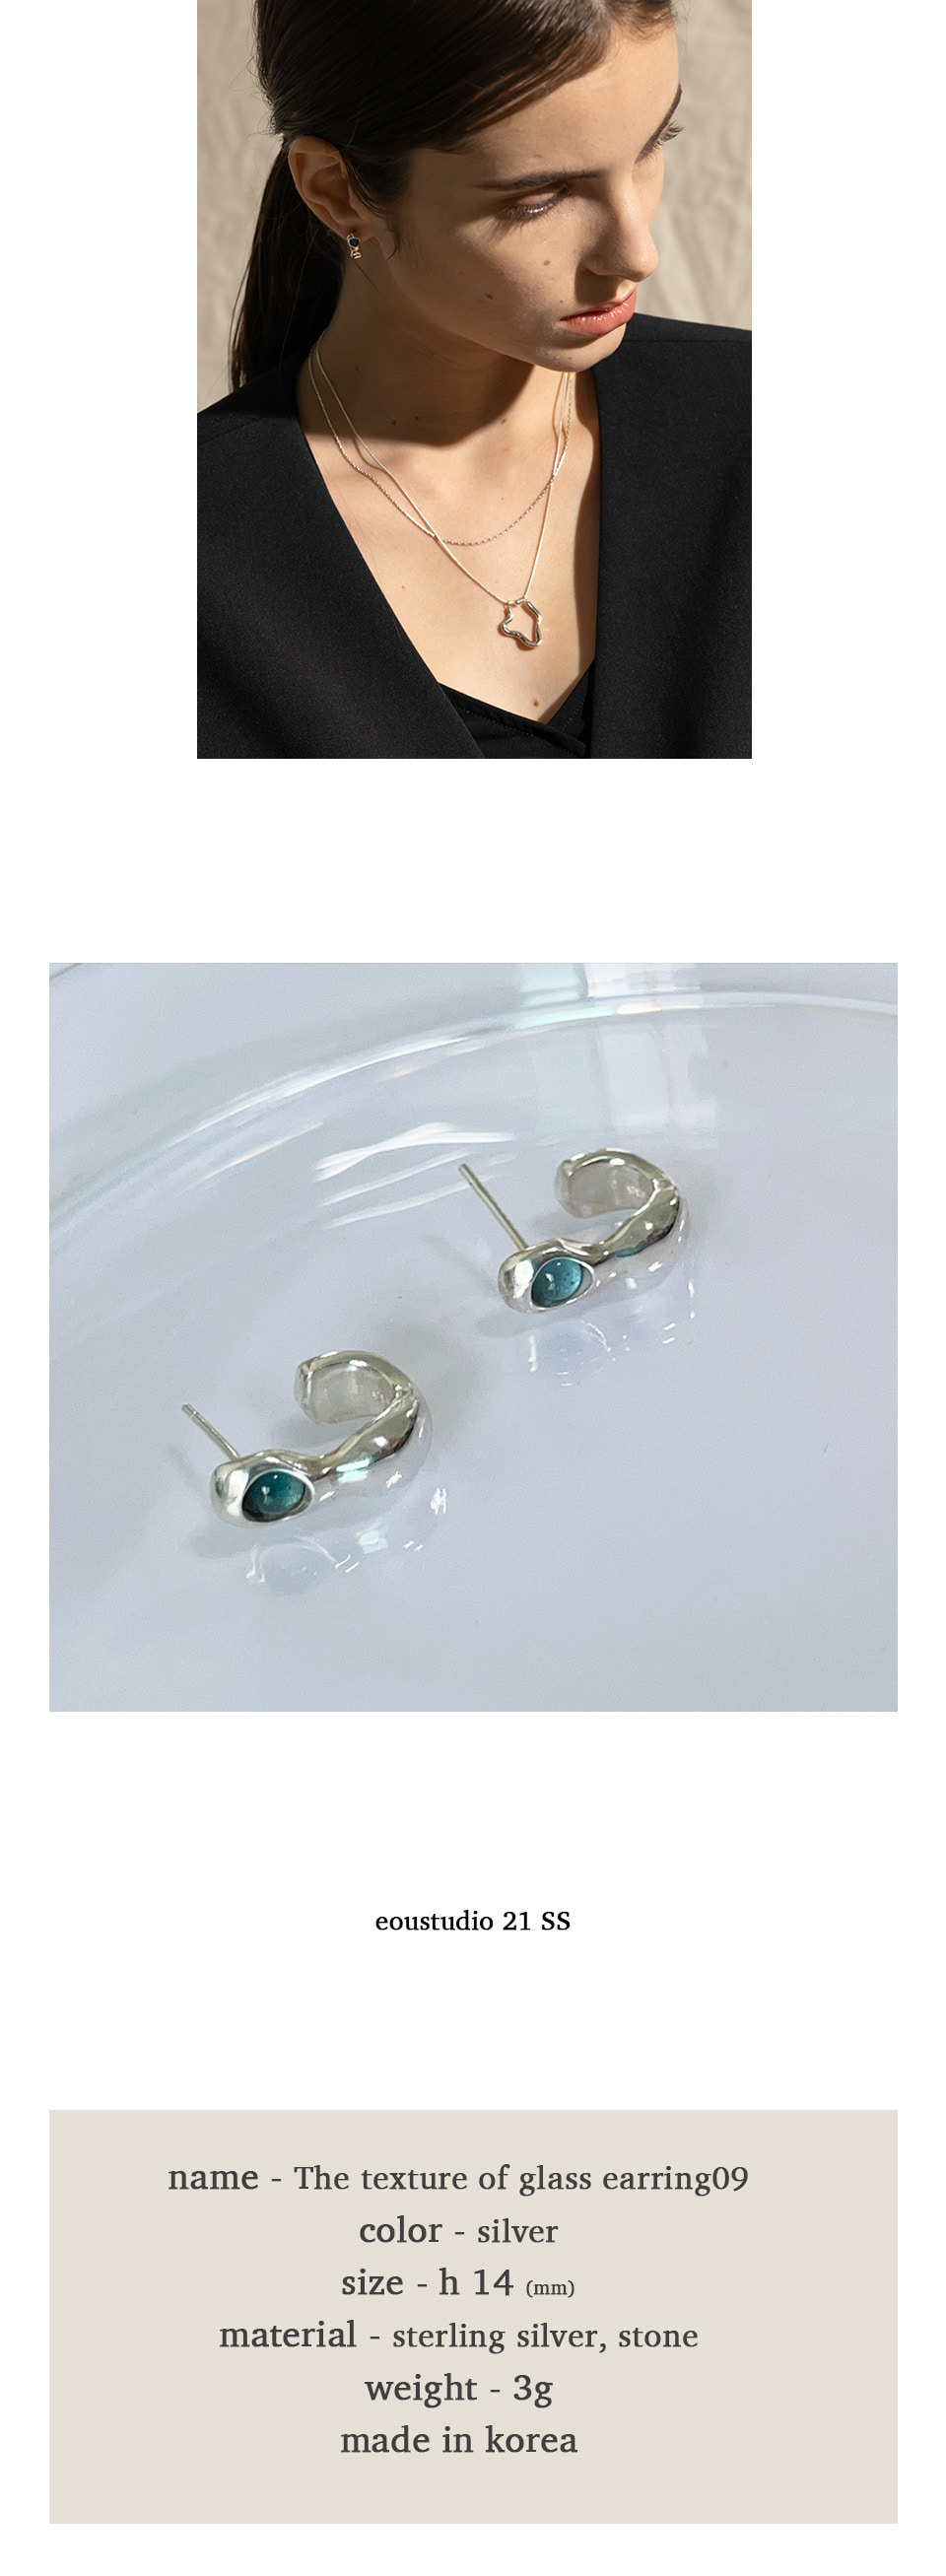 이오유스튜디오(EOU STUDIO) The texture of glass Earring 09